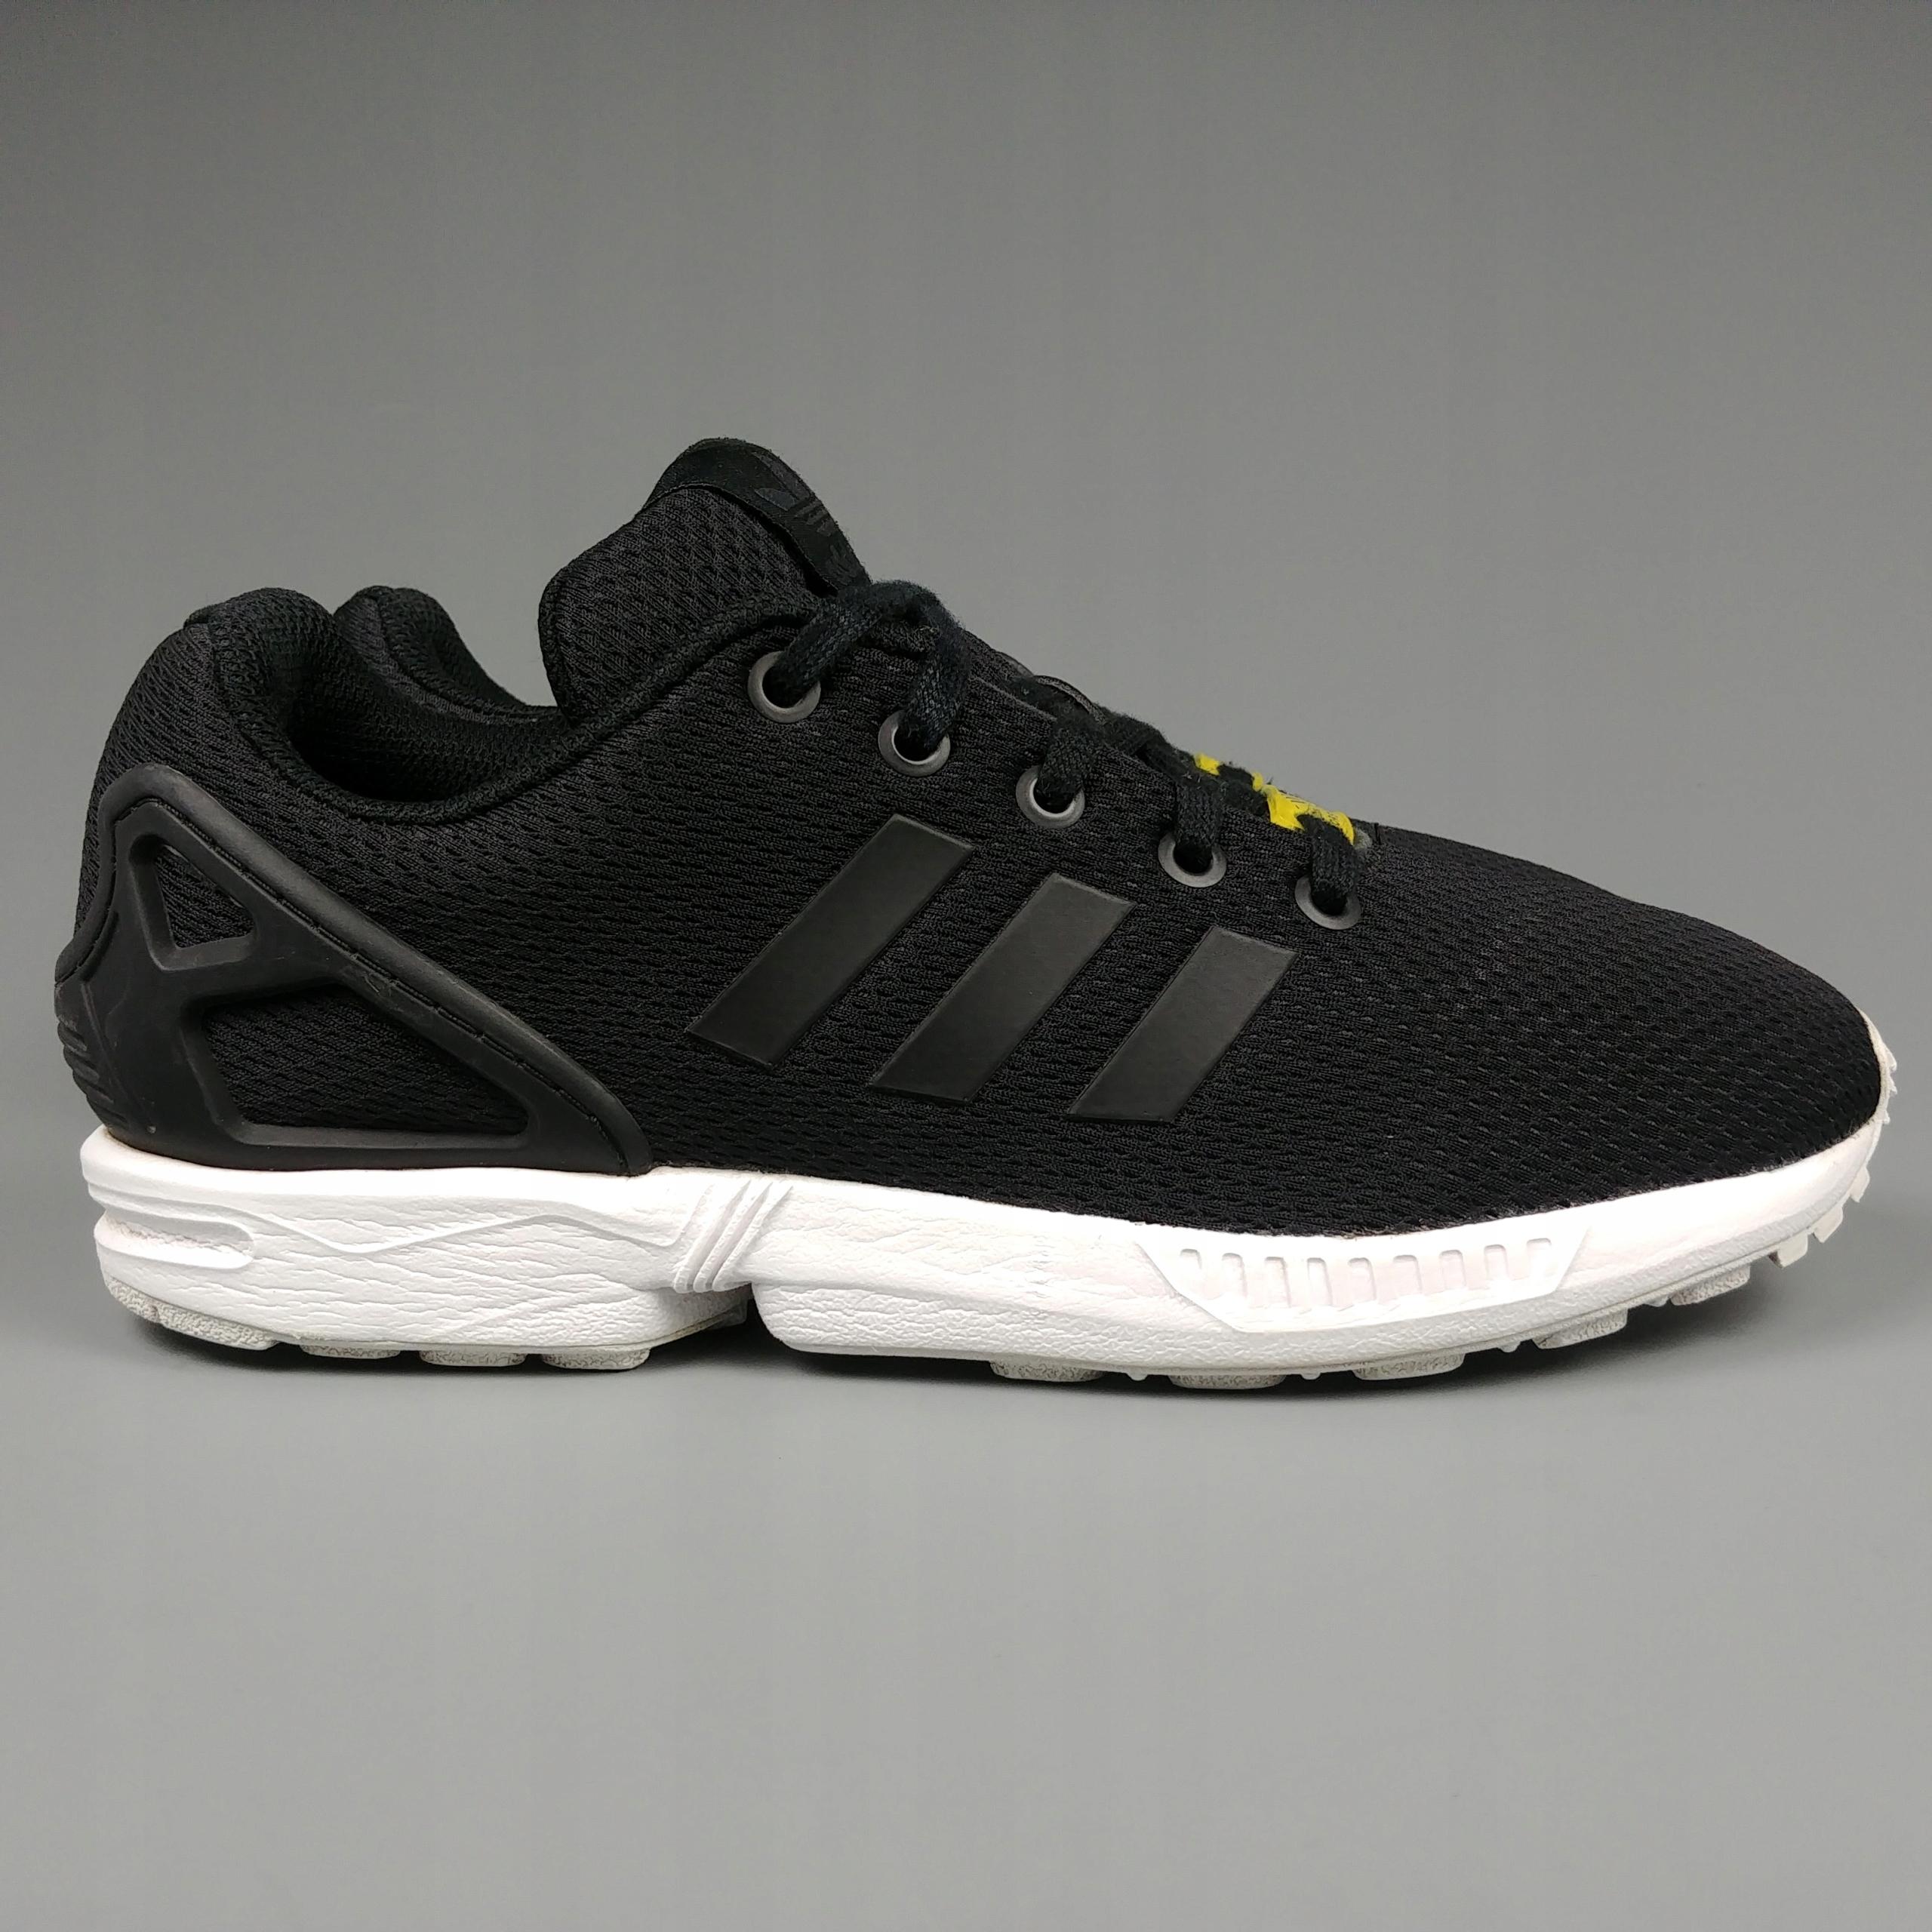 ADIDAS ZX FLUX buty sportowe damskie r. 38; 24 cm